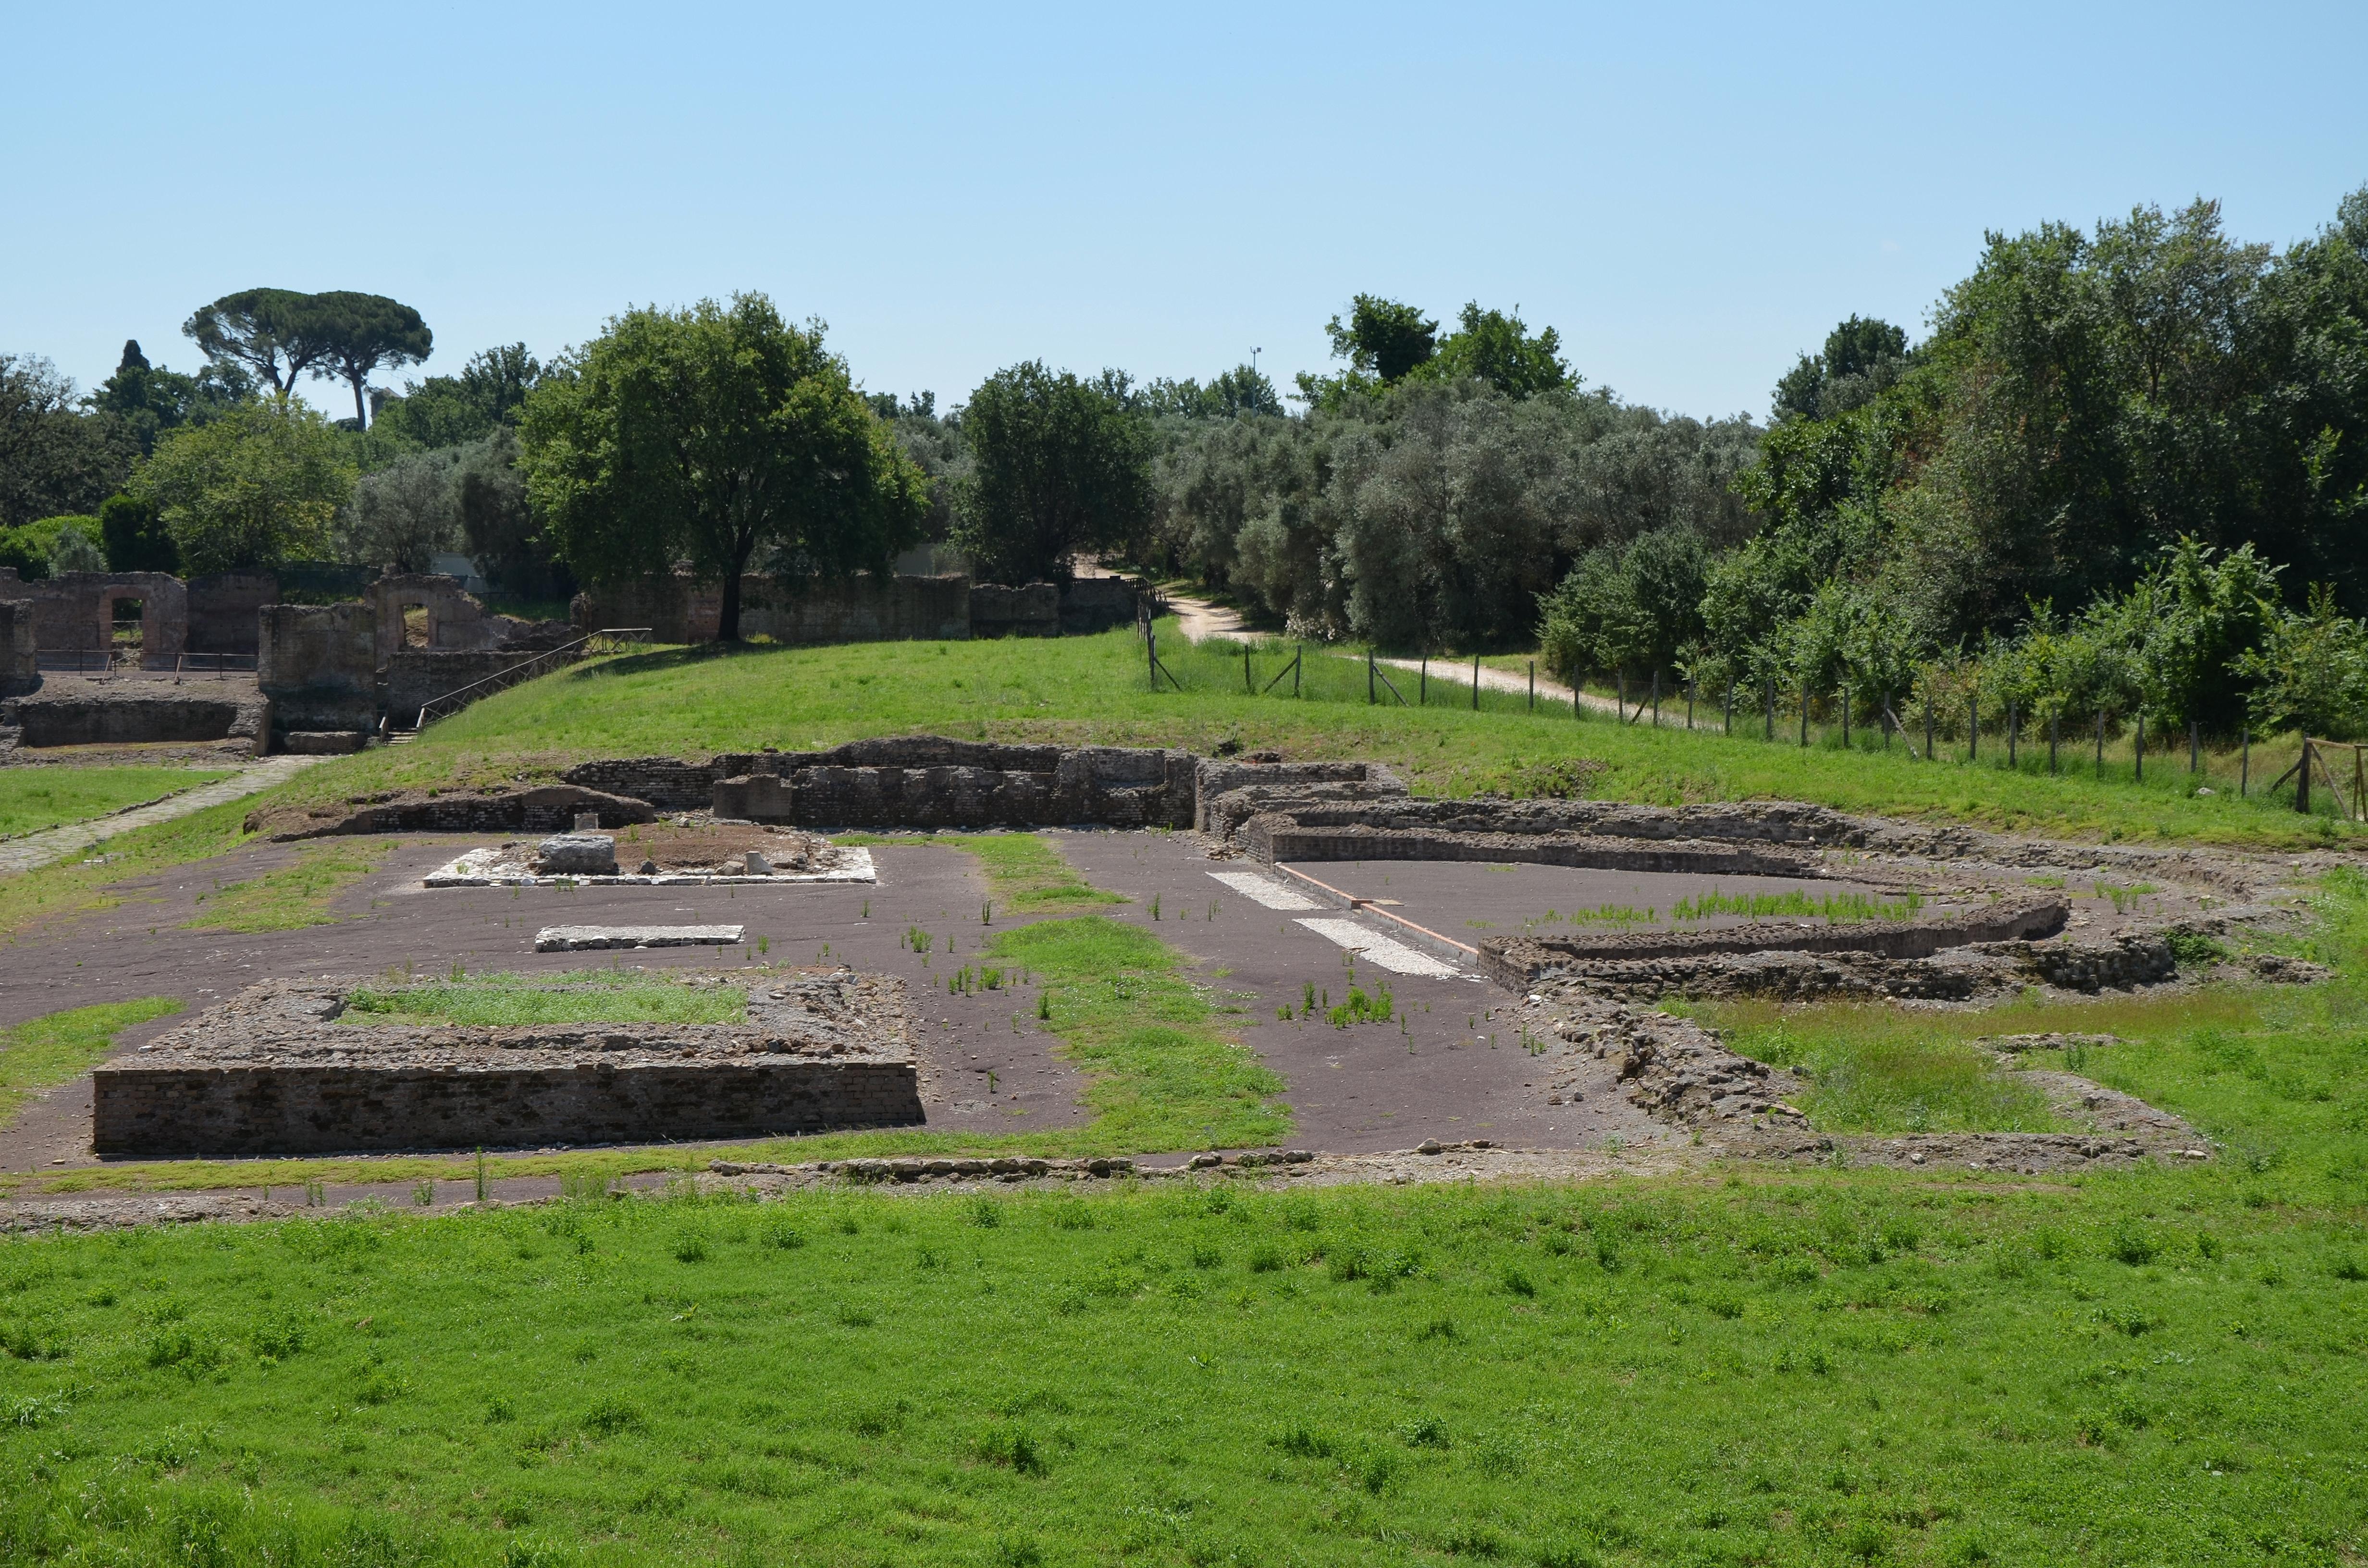 Monte Porzio Catone Cosa Vedere file:the antinoeion, hadrian's villa (16036504998)